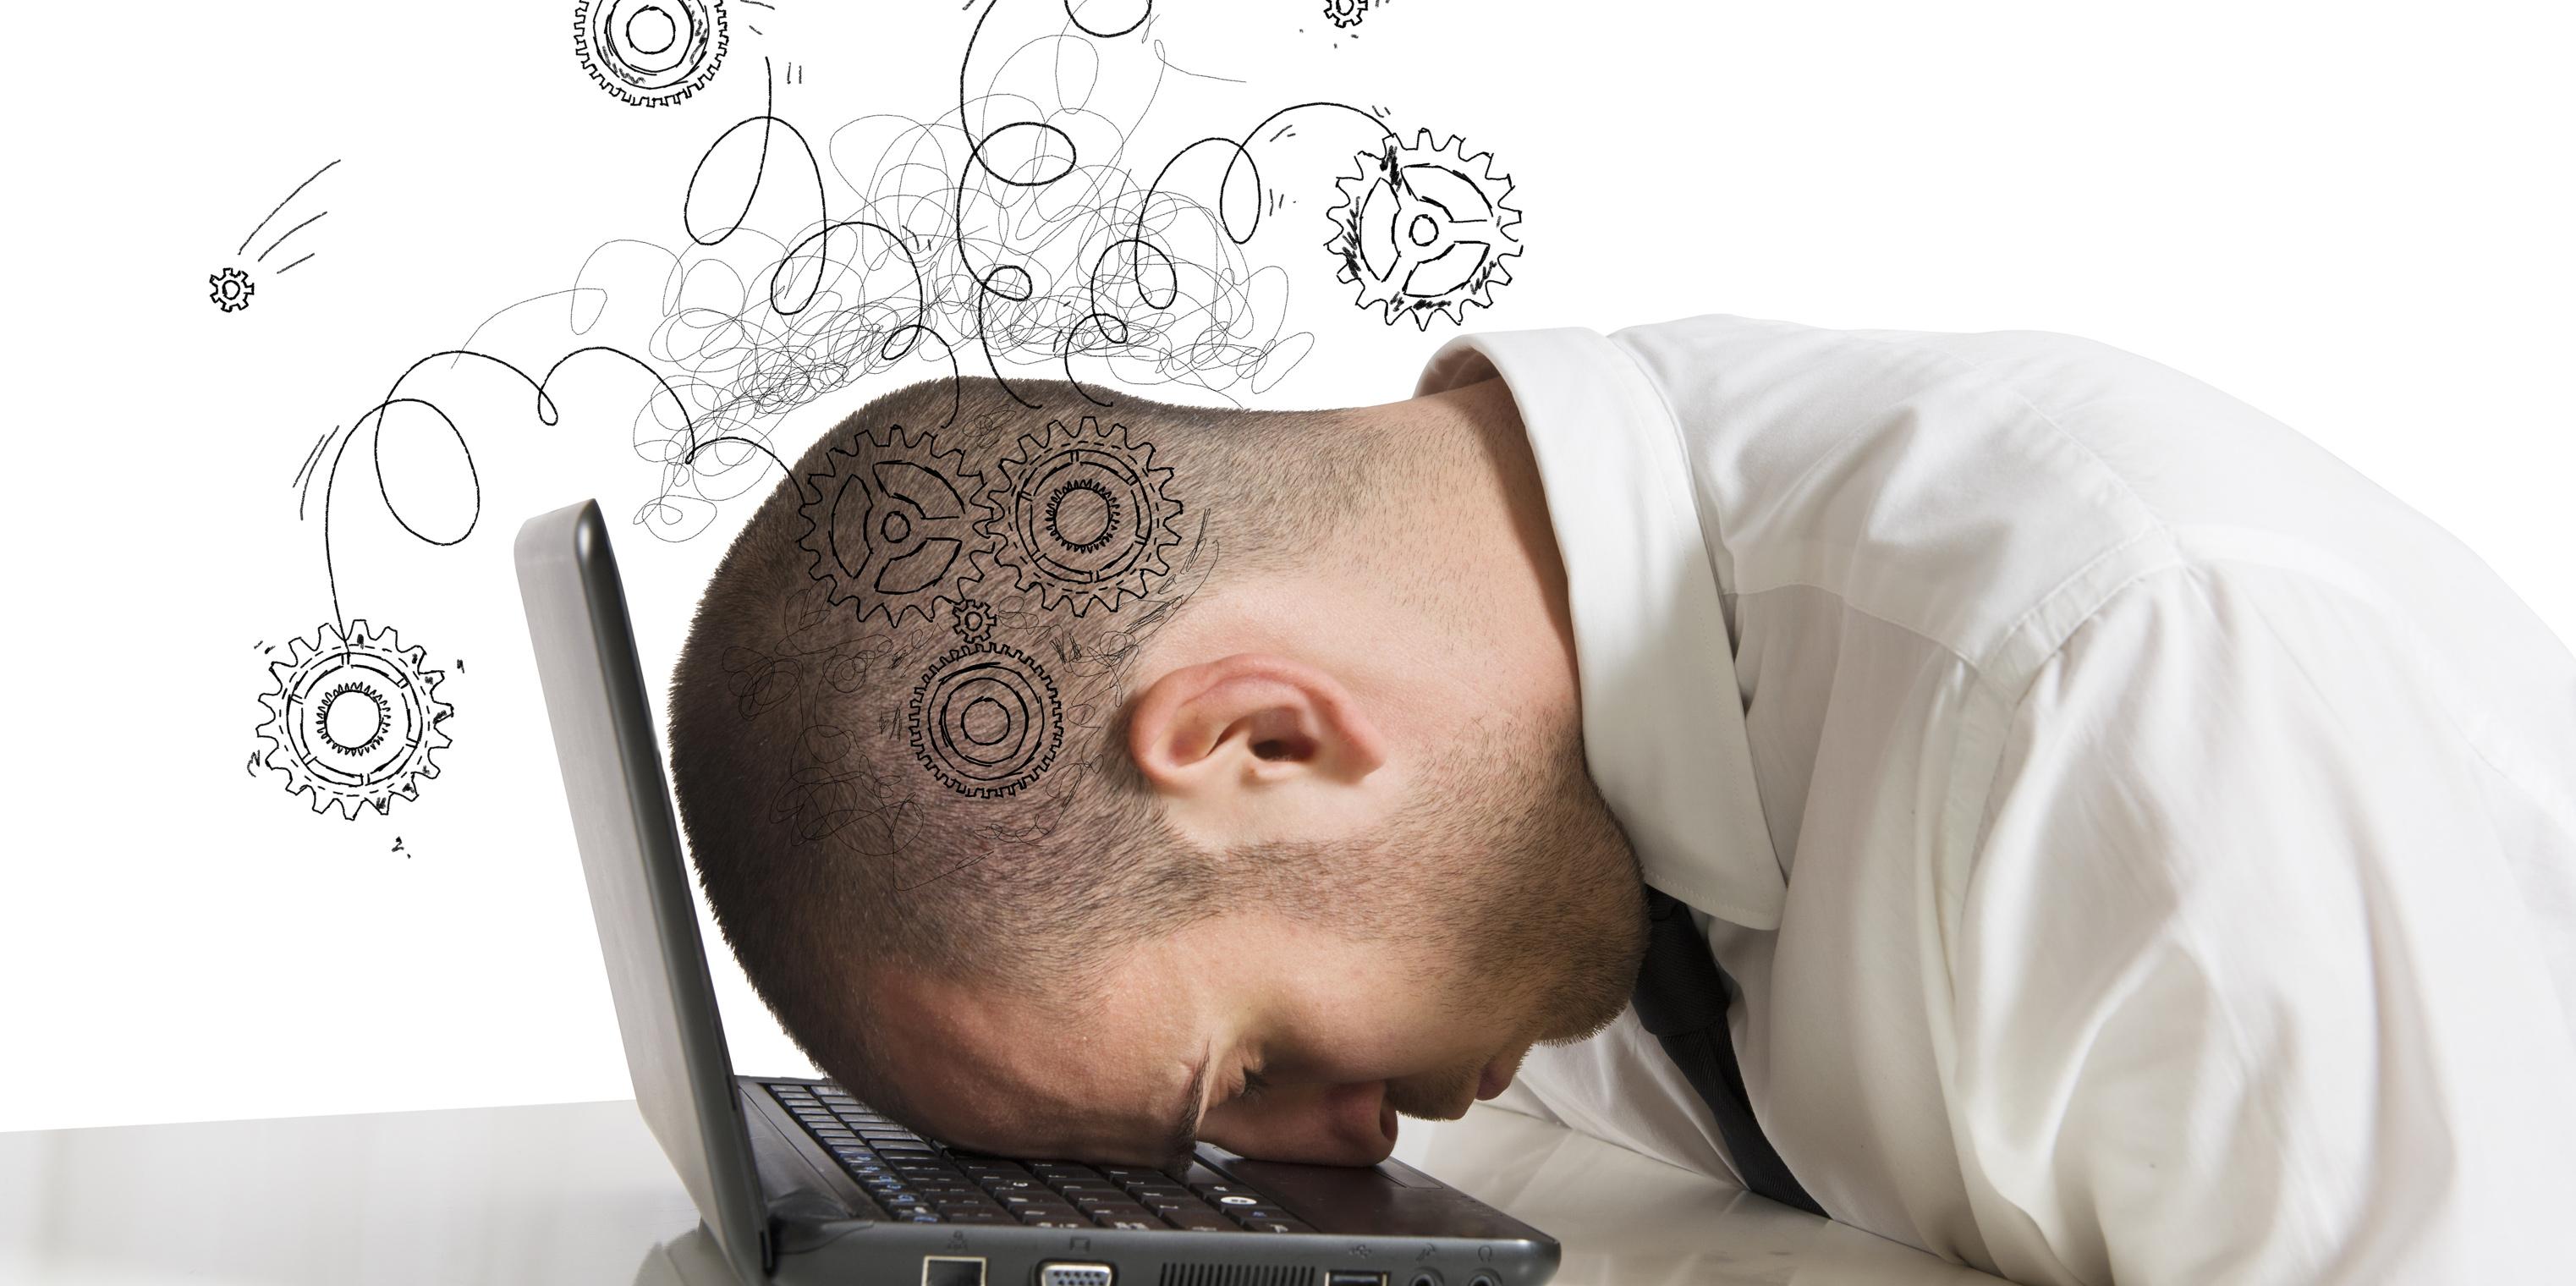 digitalanxiety